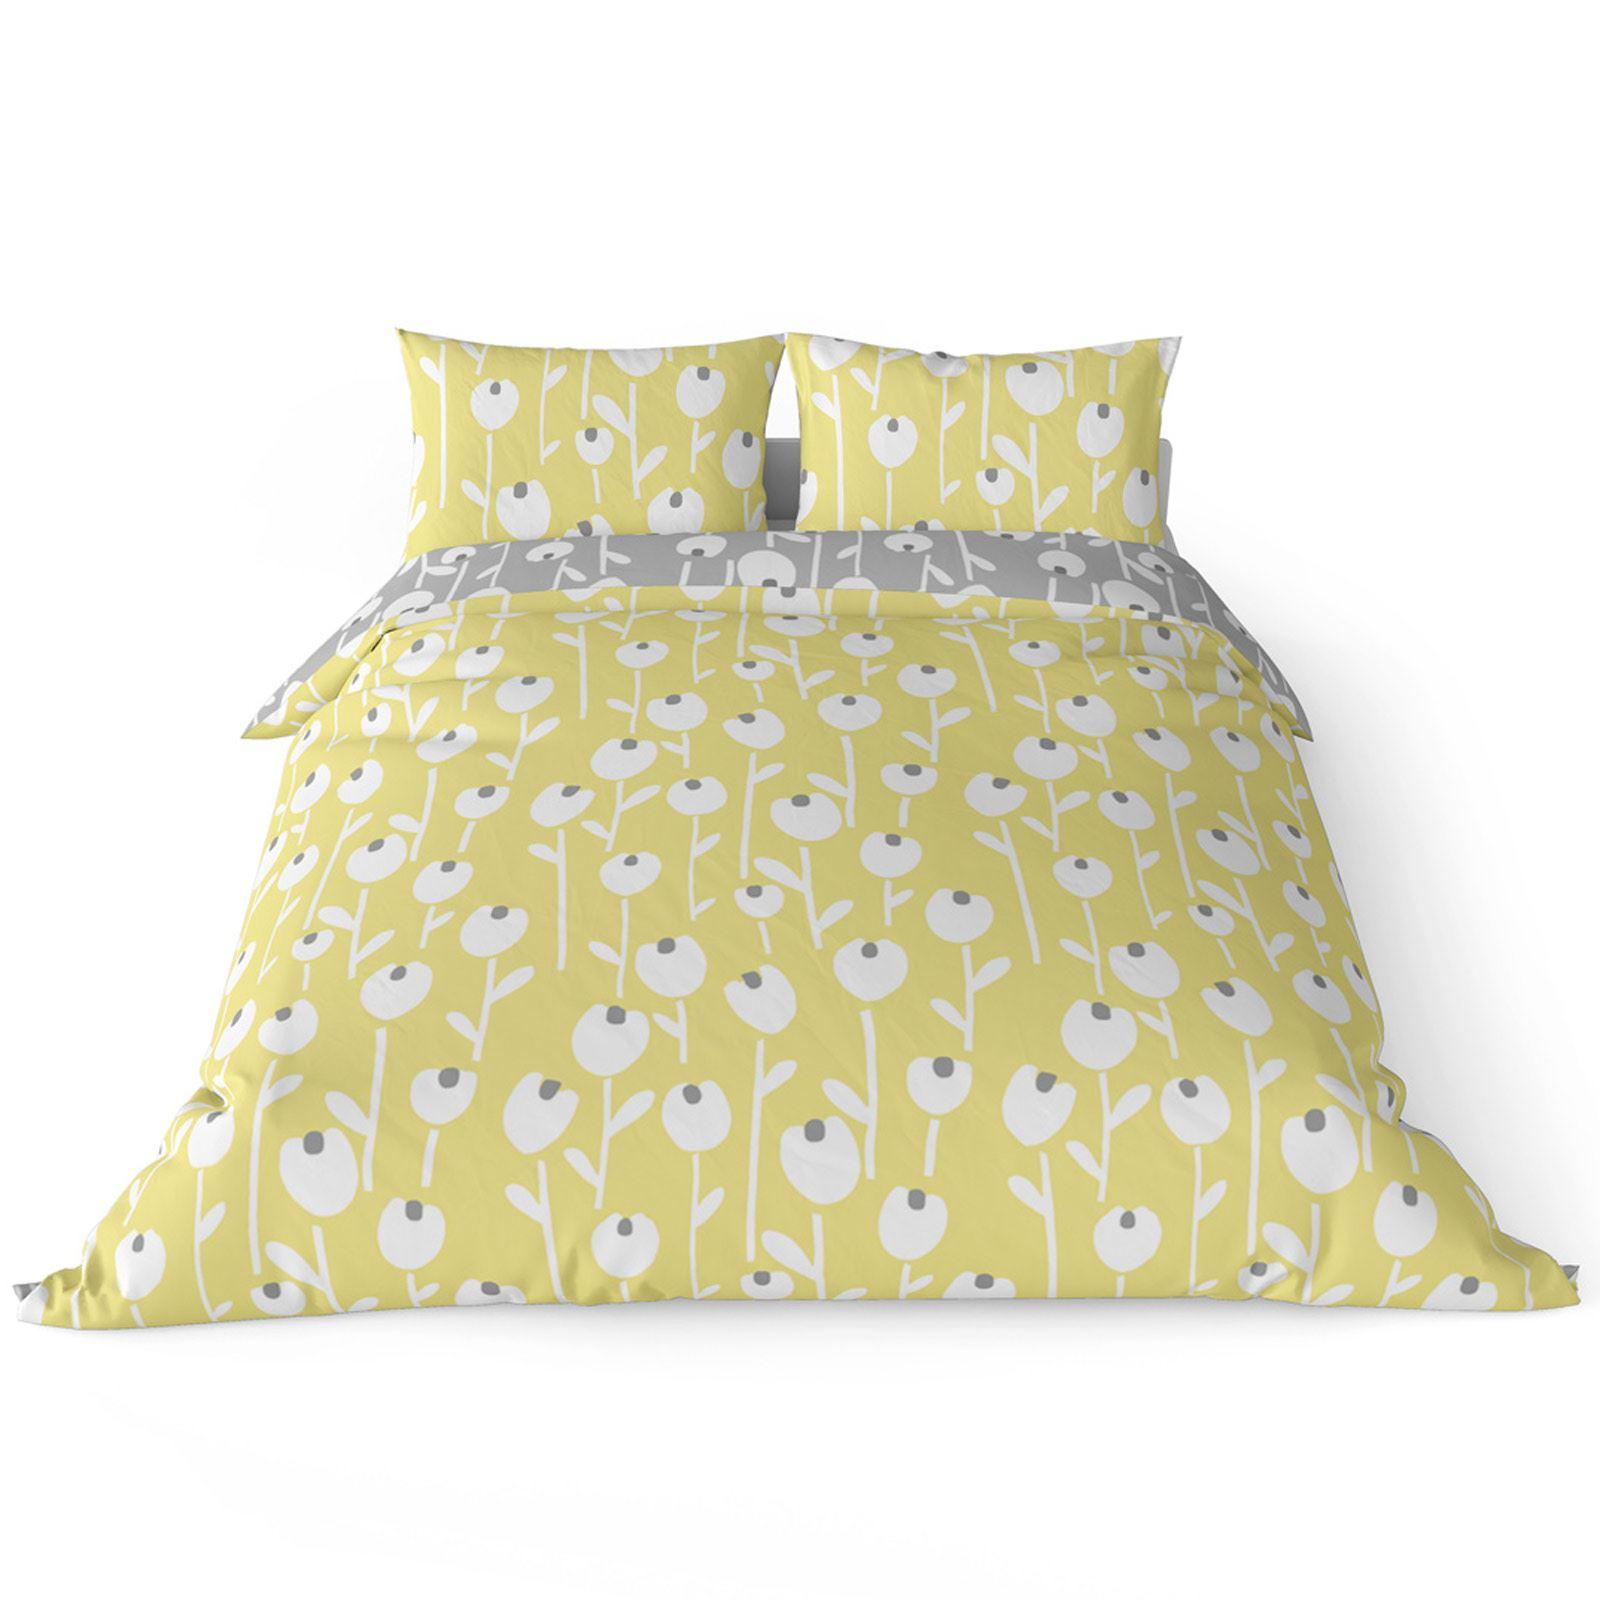 Mostaza-amarillo-ocre-Funda-de-edredon-impreso-Edredon-juego-ropa-de-cama-cubre-conjuntos miniatura 7